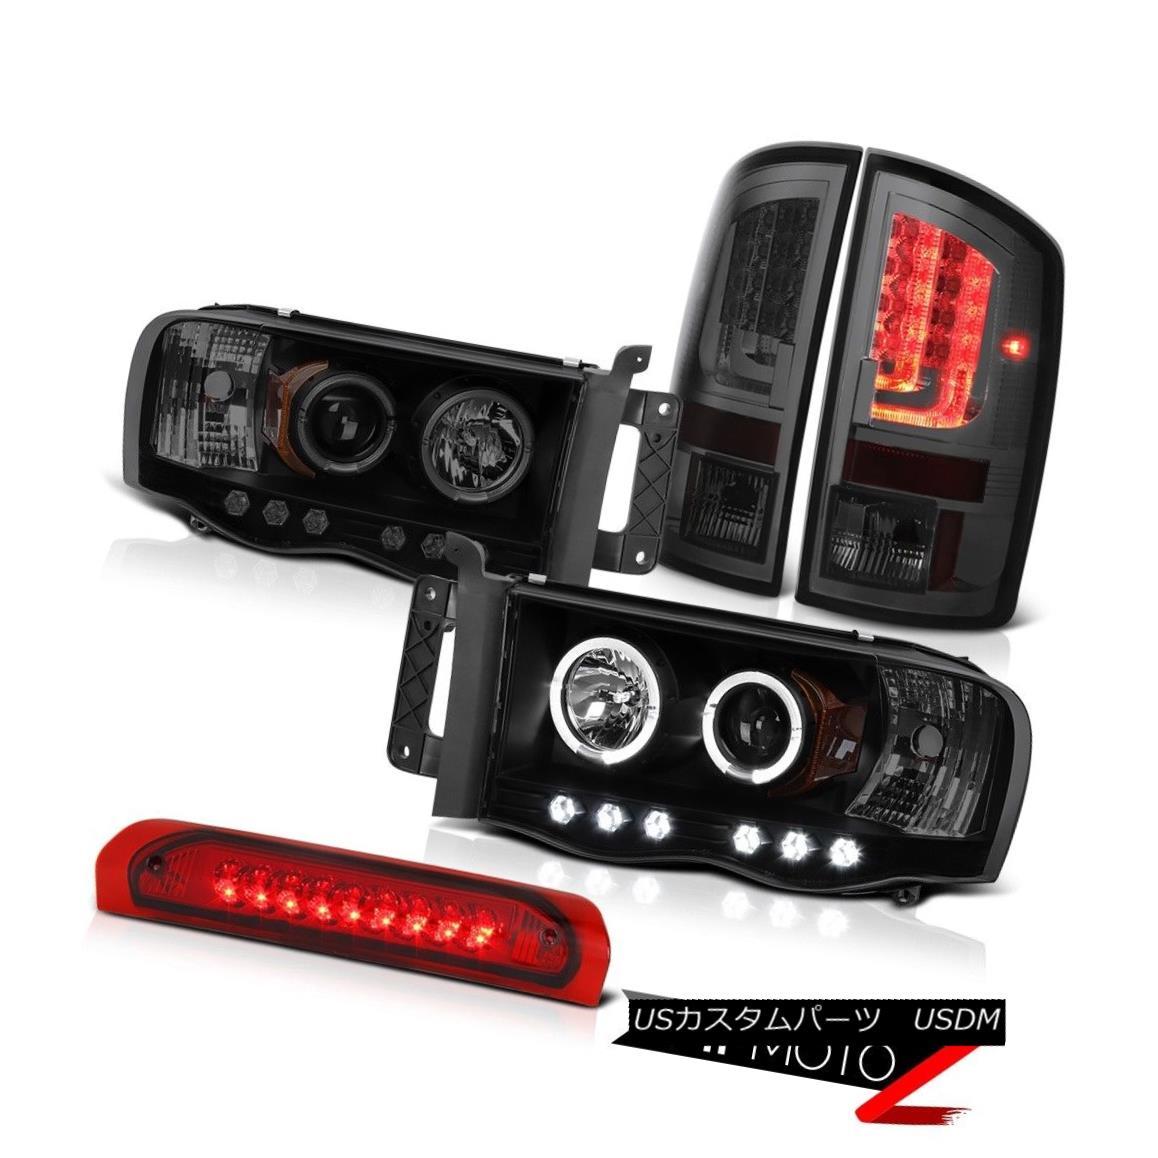 テールライト 02-05 Dodge Ram 1500 1500 4.7L Taillamps Headlights High STop Lamp LED Halo Ring 02-05ダッジラム1500 1500 4.7LタイルランプヘッドライトハイSTopランプLEDハローリング